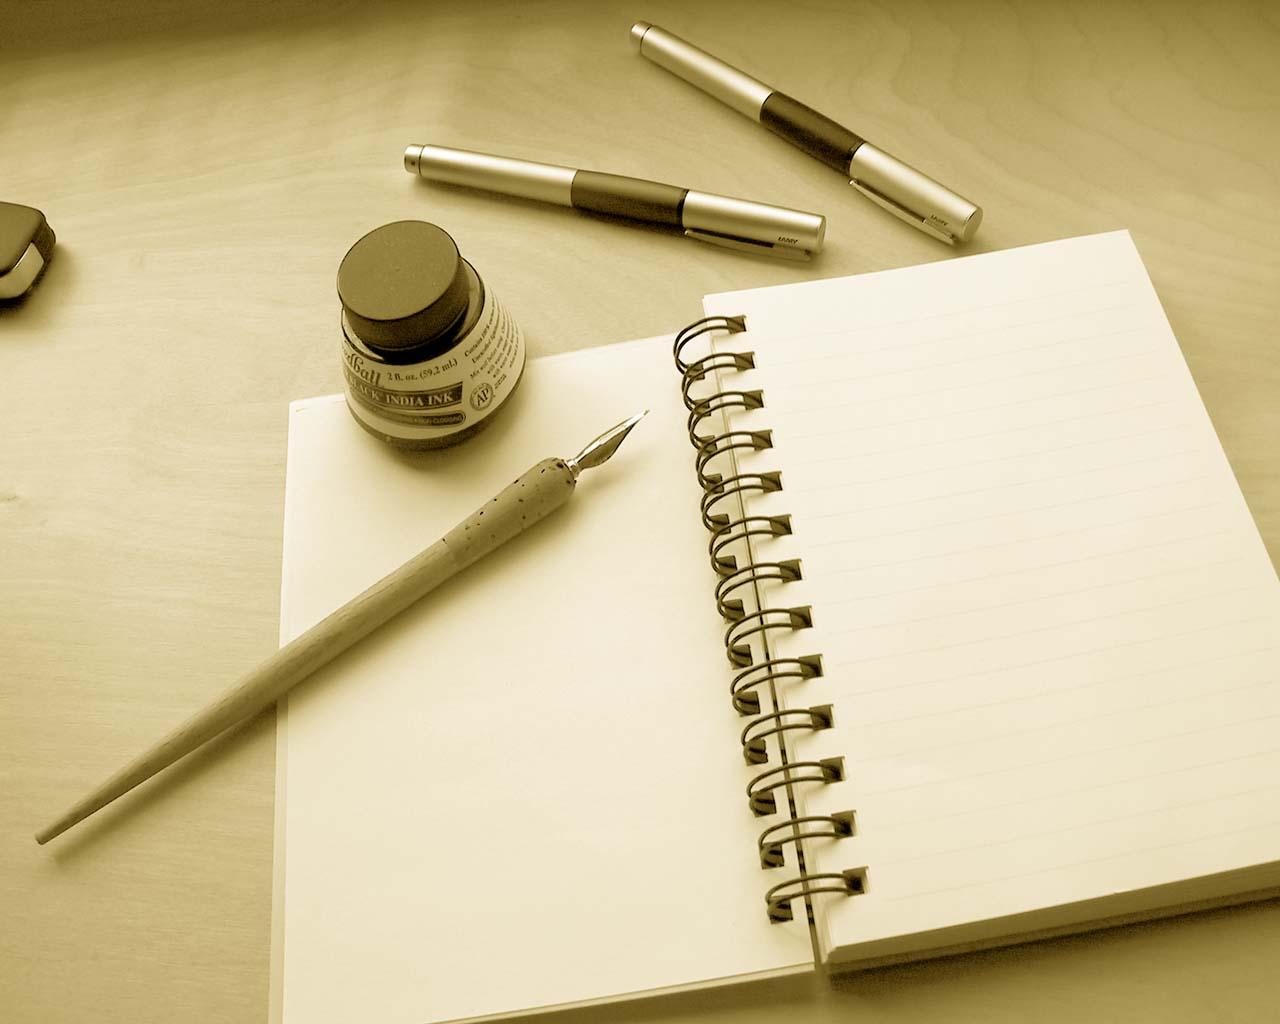 صور كيف تبدا كتابة كتاب